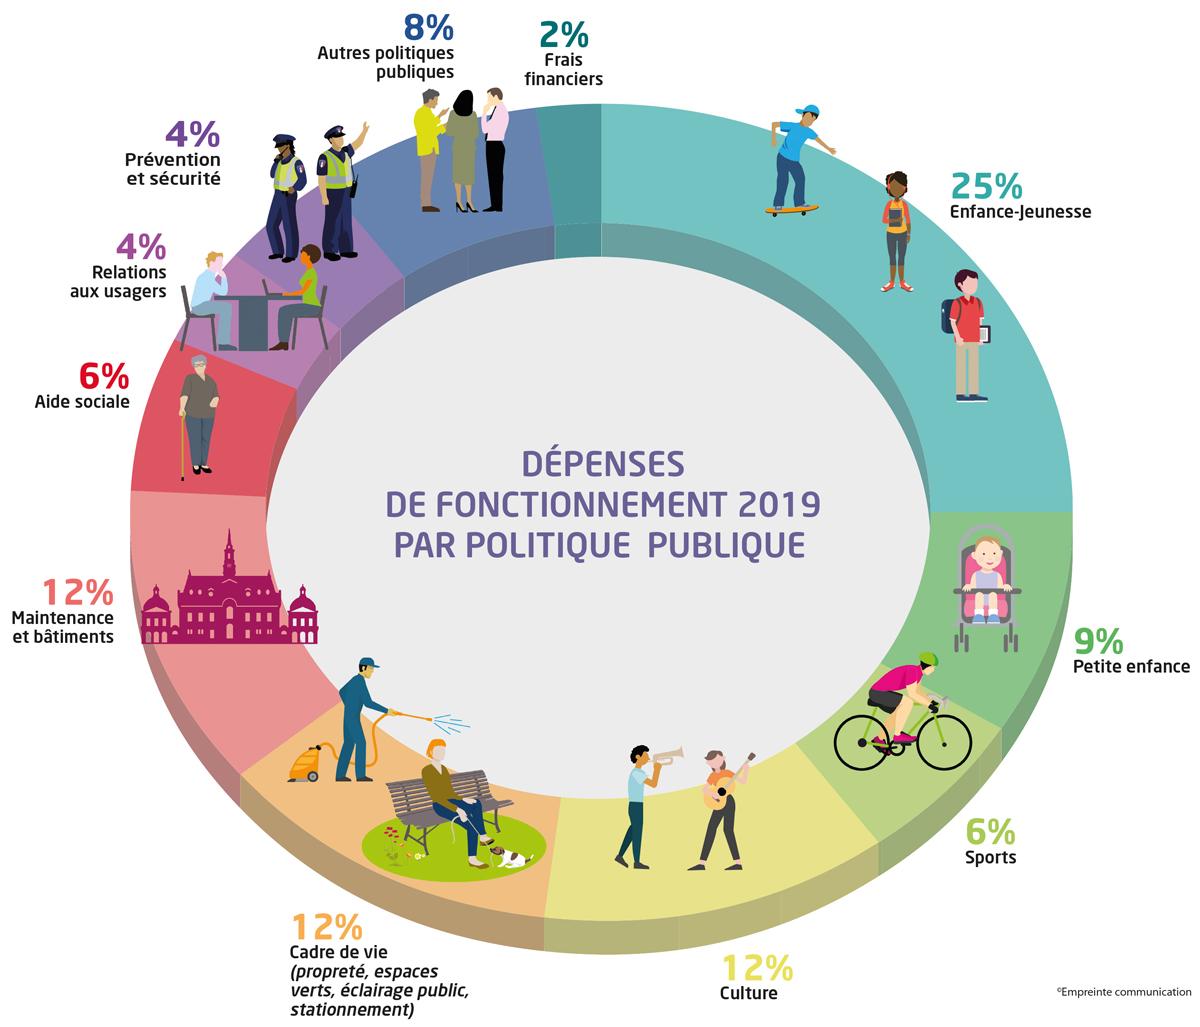 Infographie des dépenses de fonctionnement 2019